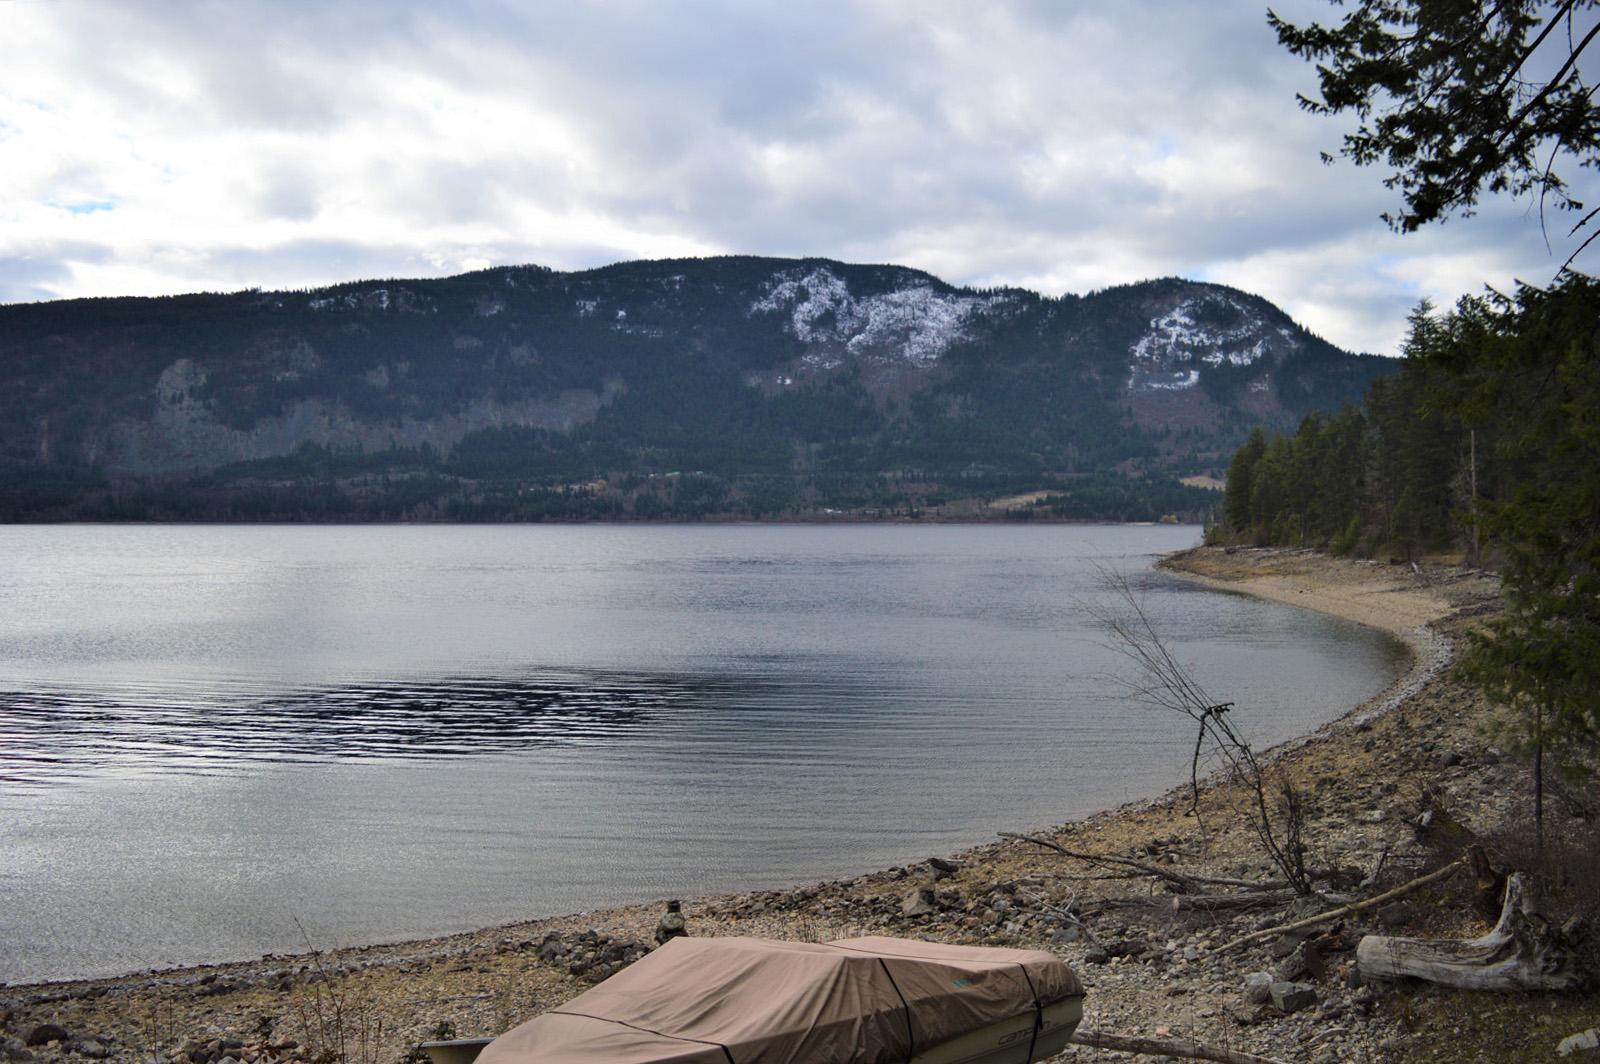 Little shuswap lake 18